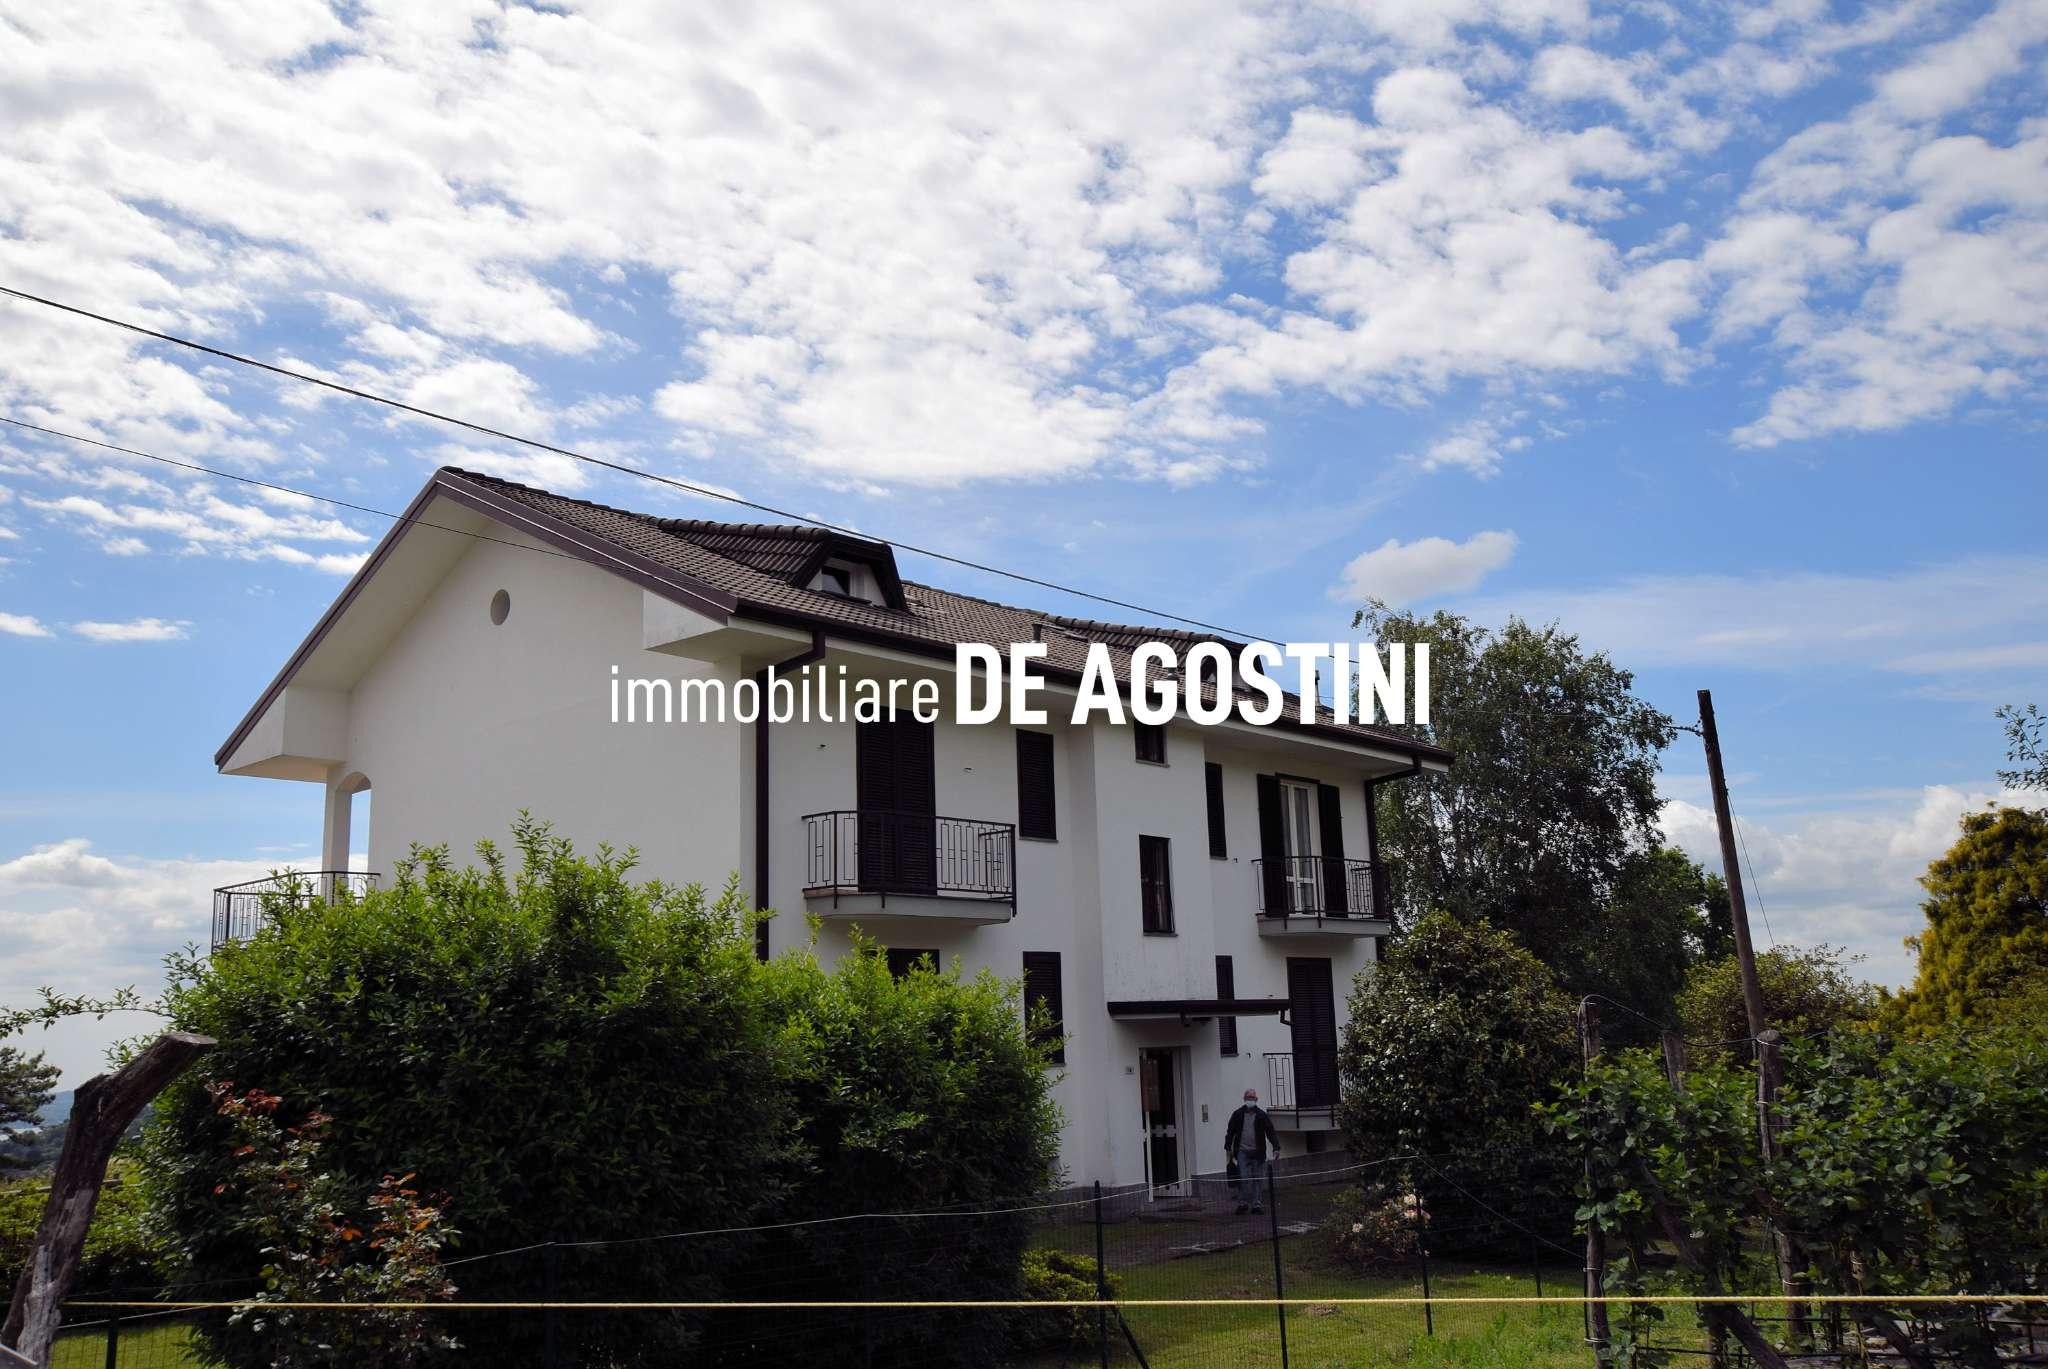 Appartamento in vendita a Nebbiuno, 4 locali, prezzo € 120.000   PortaleAgenzieImmobiliari.it